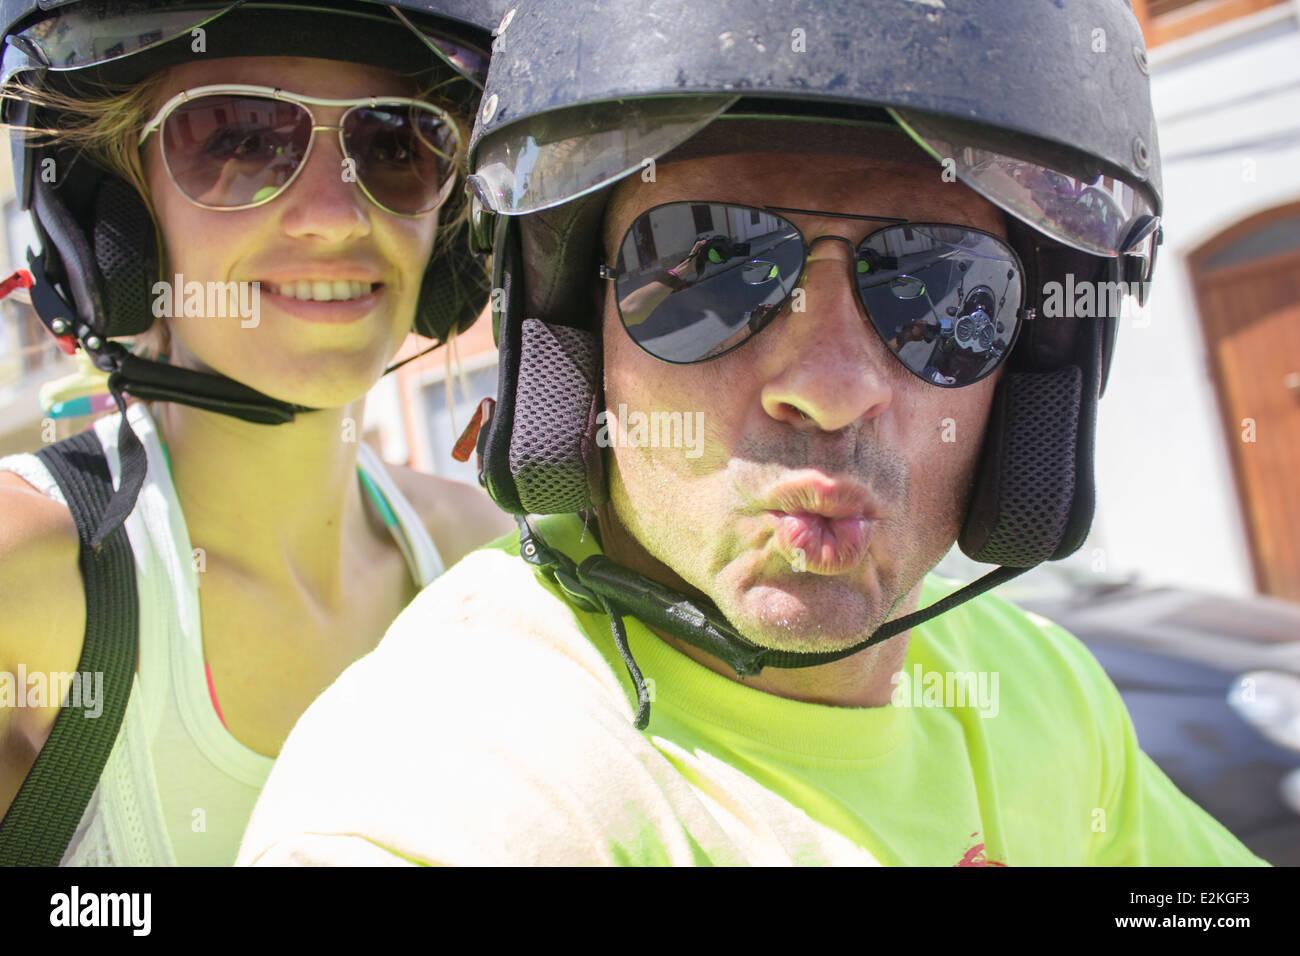 """Mann Frau paar Helm Helme Sonnenbrille """"Spaß"""" Reiten Lächeln Lächeln Kuss Selfie fahren Stockbild"""